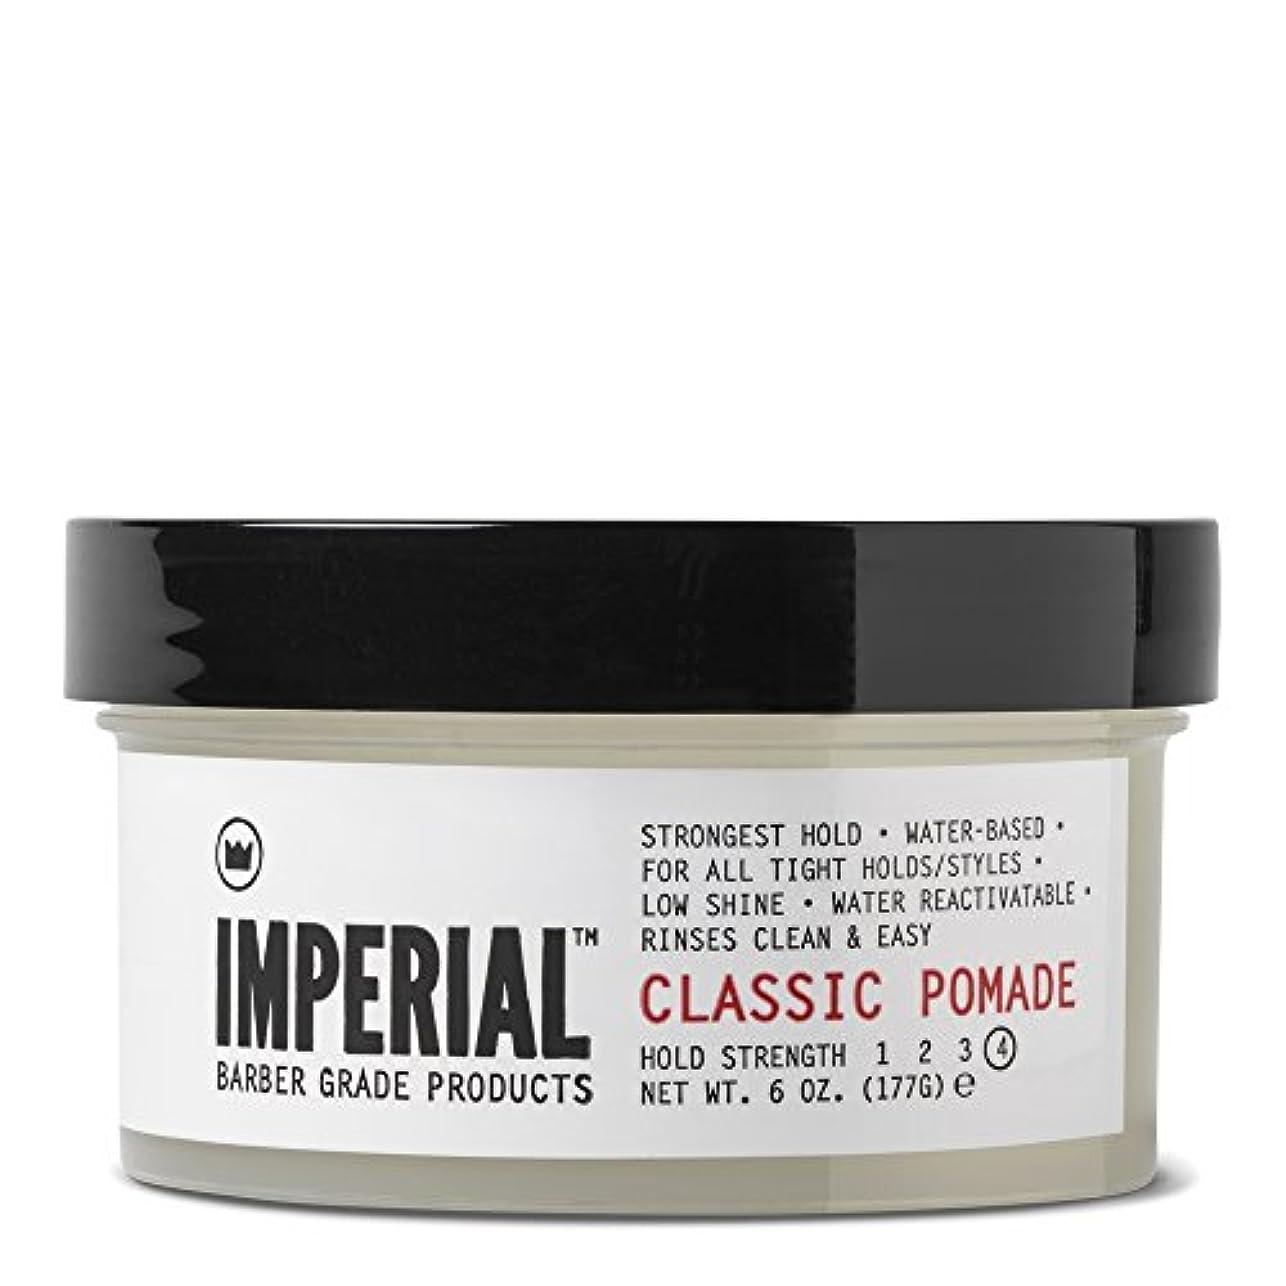 主人完全に乾くコンプリートImperial Barber グレード製品クラシックポマード、6オズ。 72.0オンス